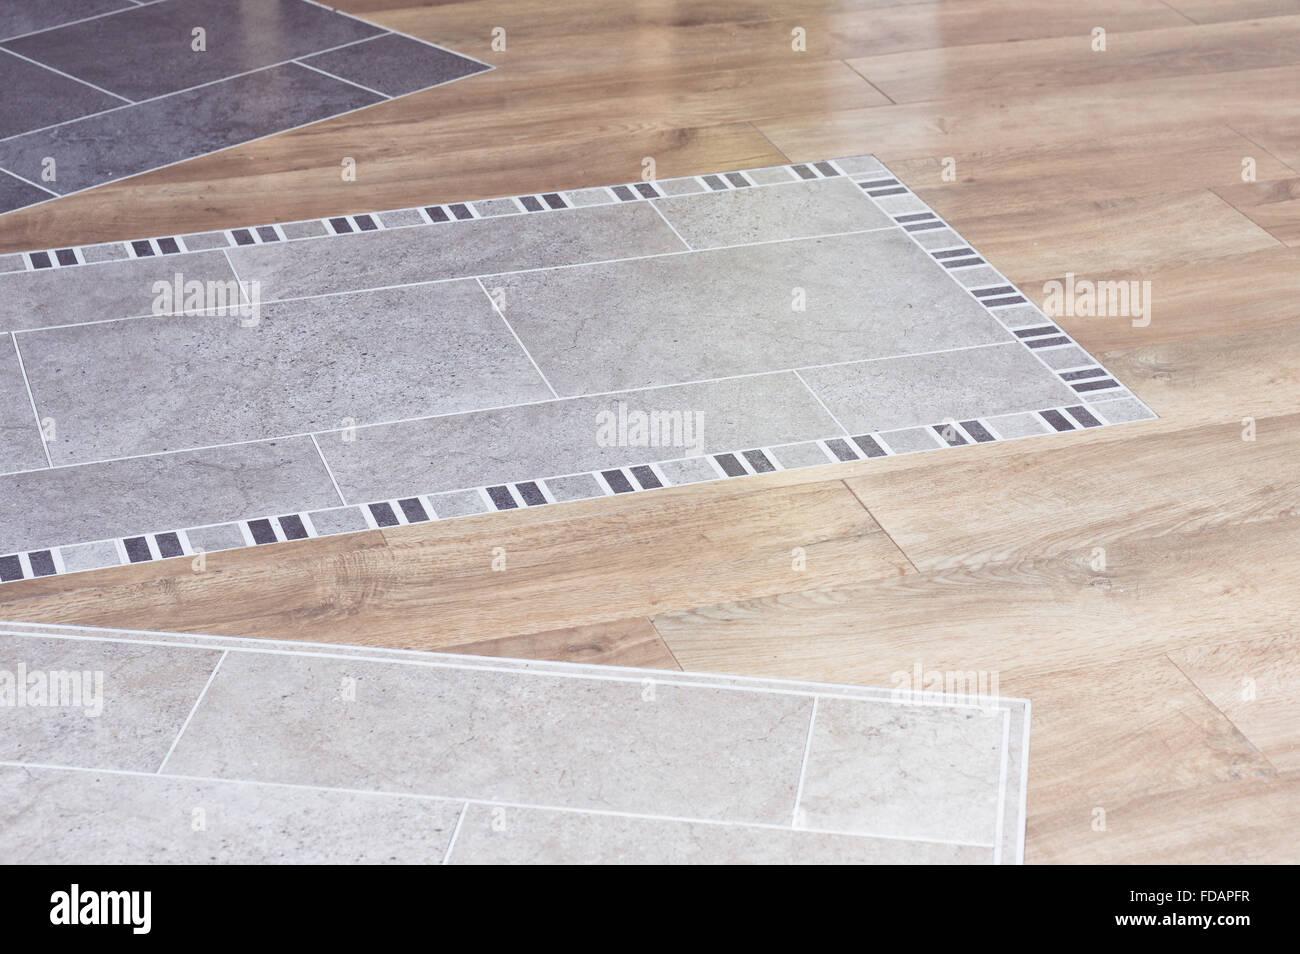 holz-laminat und fliesen auf dem fußboden ein innenarchitektur